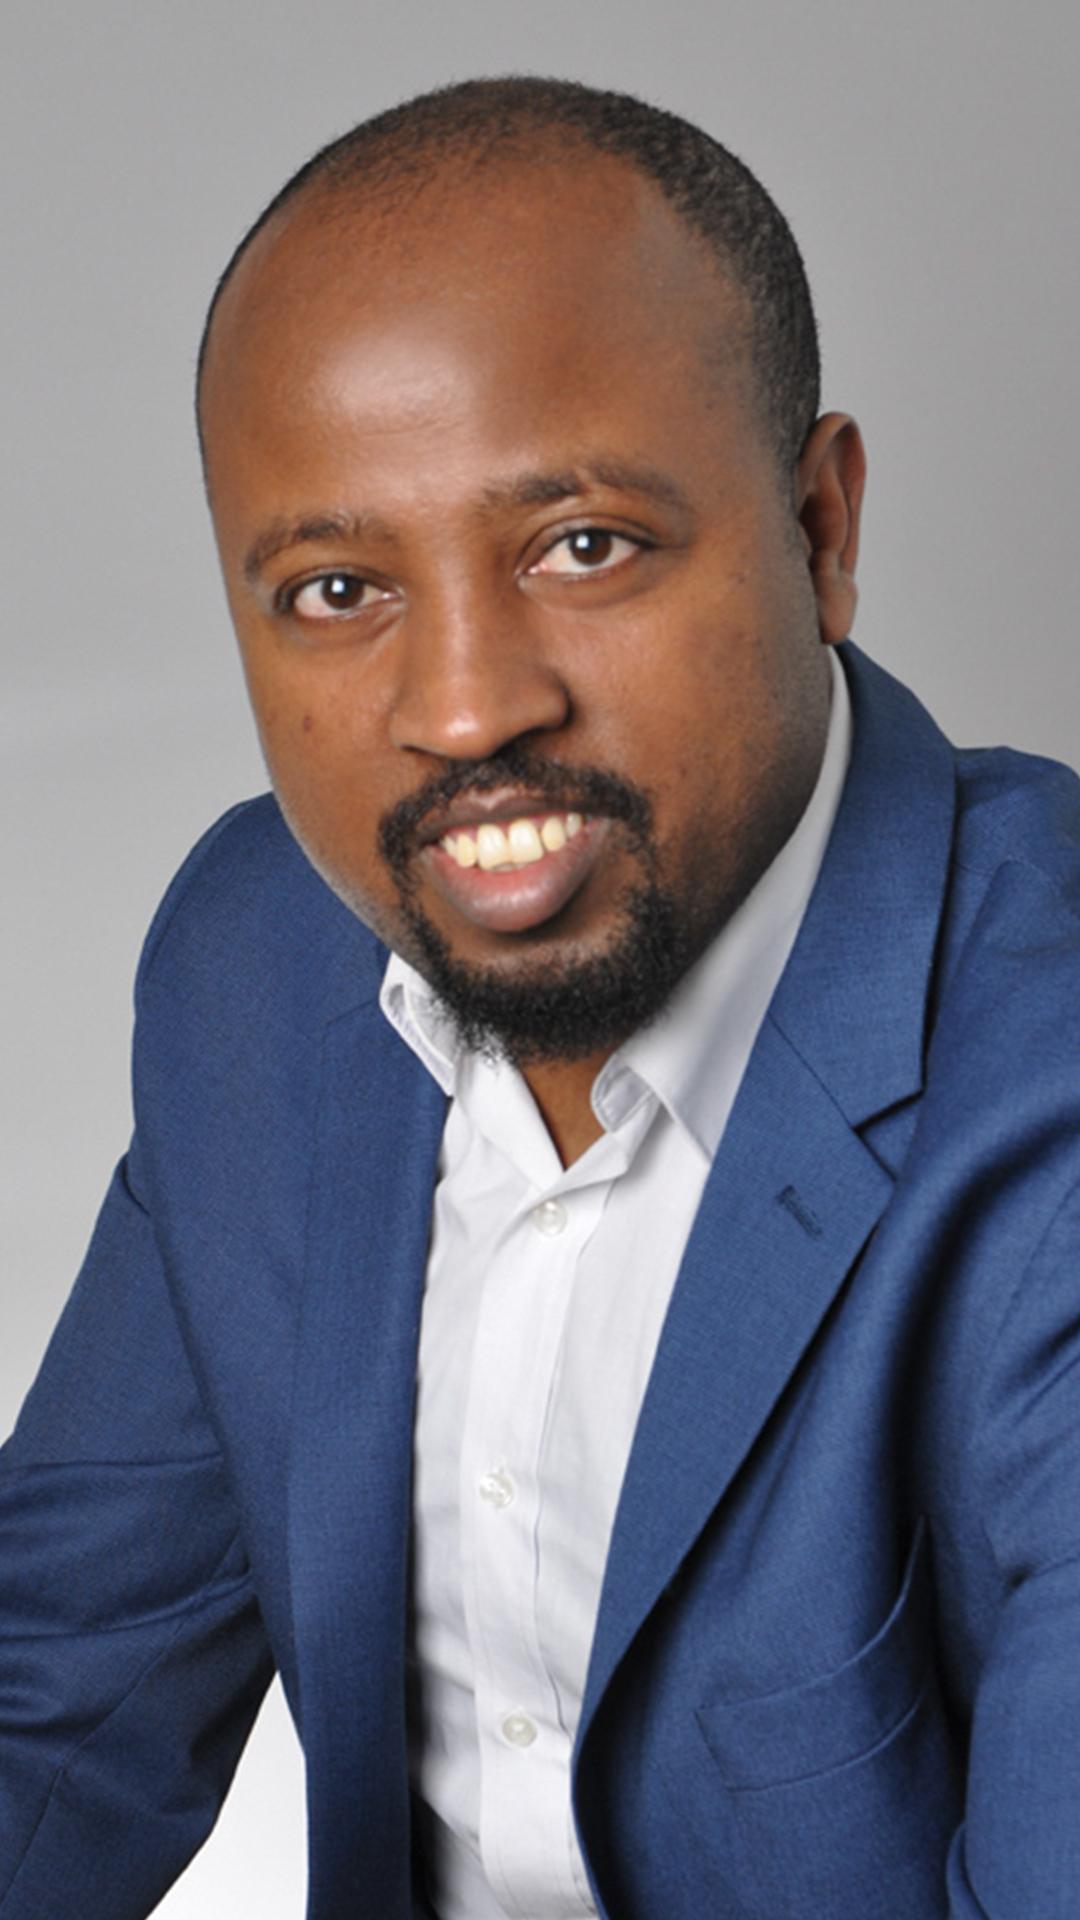 Dr. Ashenafi Teshome Guta